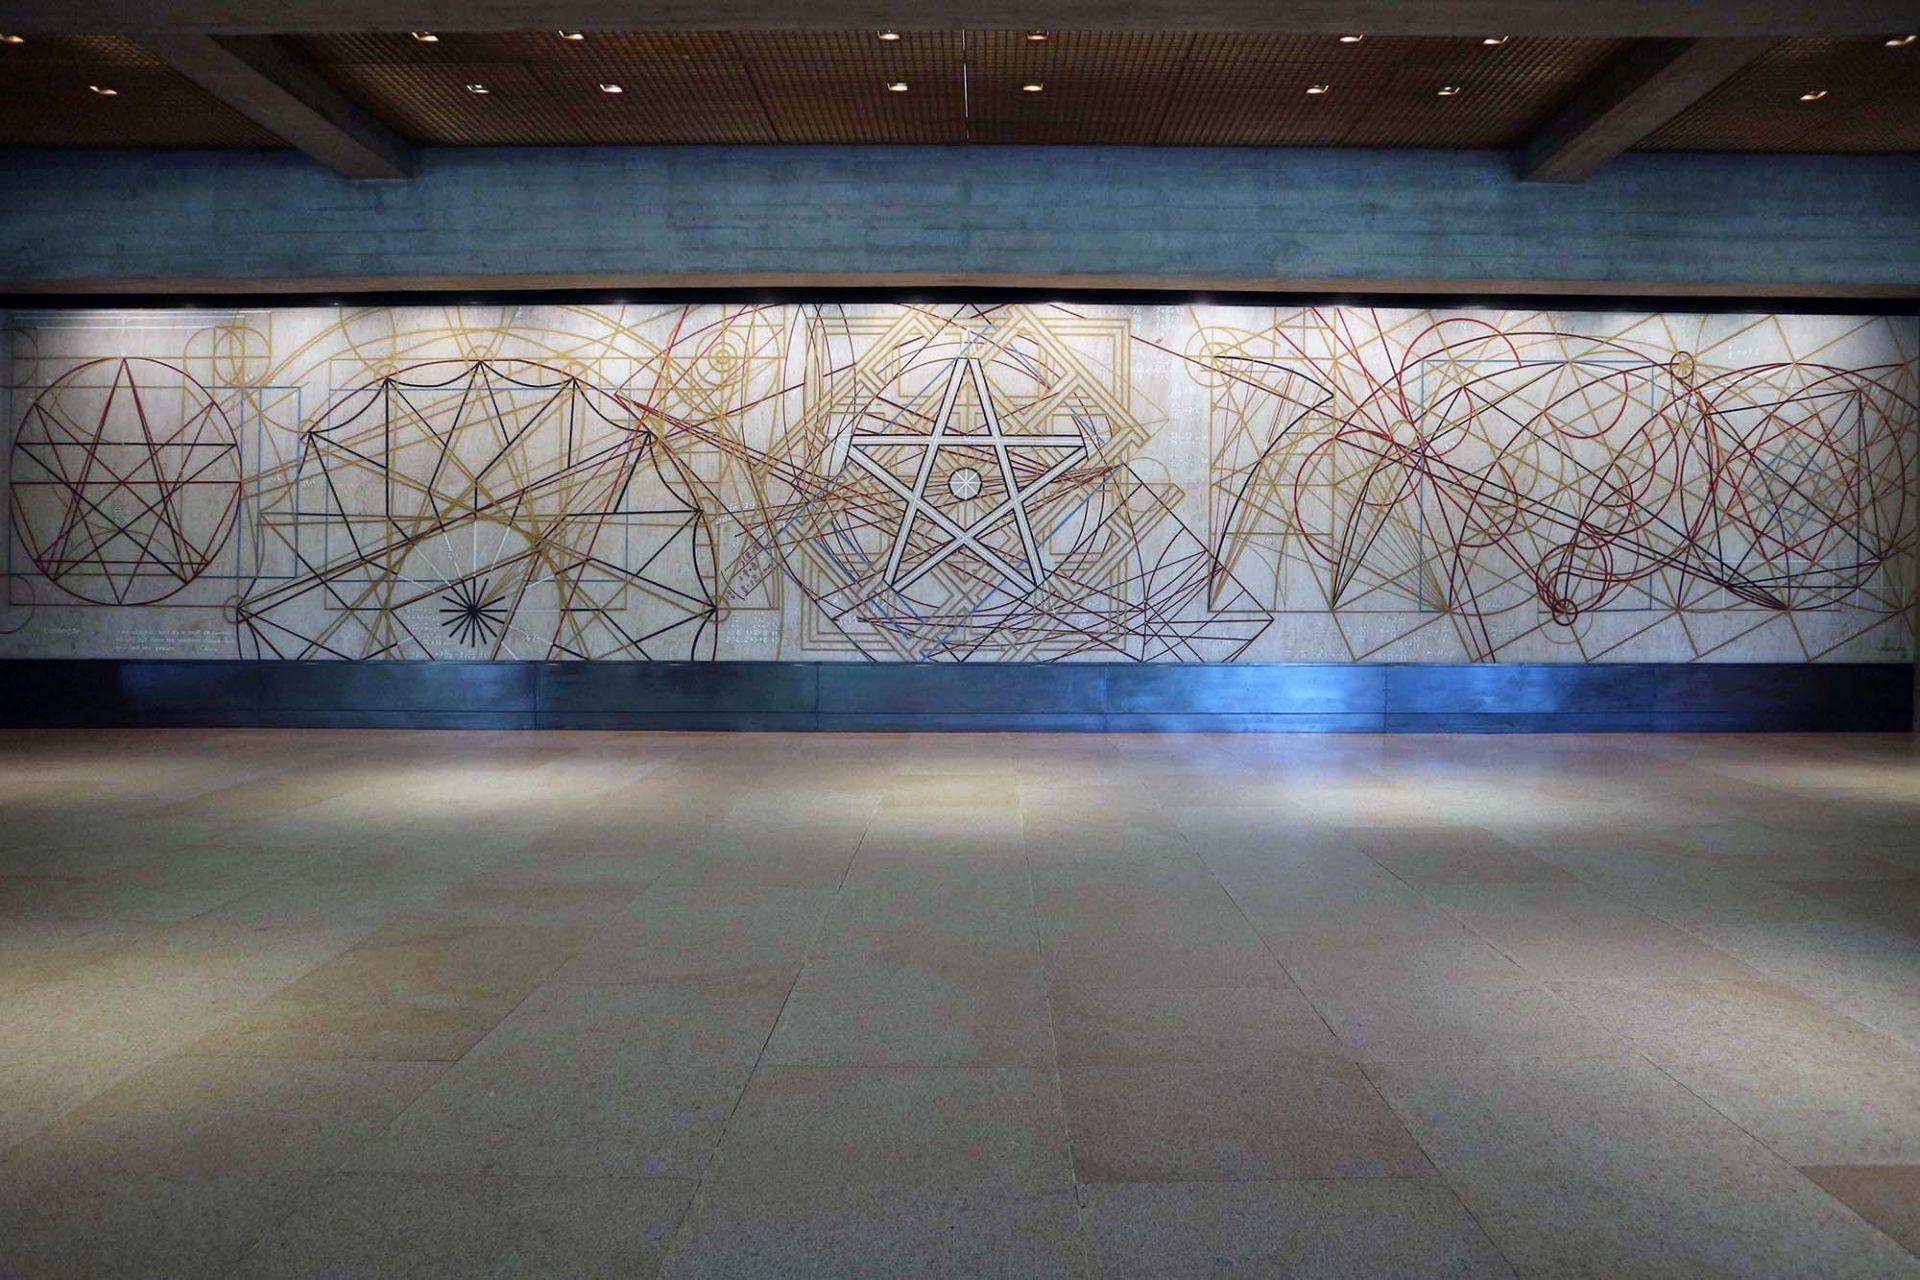 """Der Stiftungssitz. Kunst ist überall gegenwärtig. Im Haupteingang der Stiftung hängt seit 1969 die grafische Komposition """"Começar"""" (dt. der Beginn) von Almada Negreiros."""